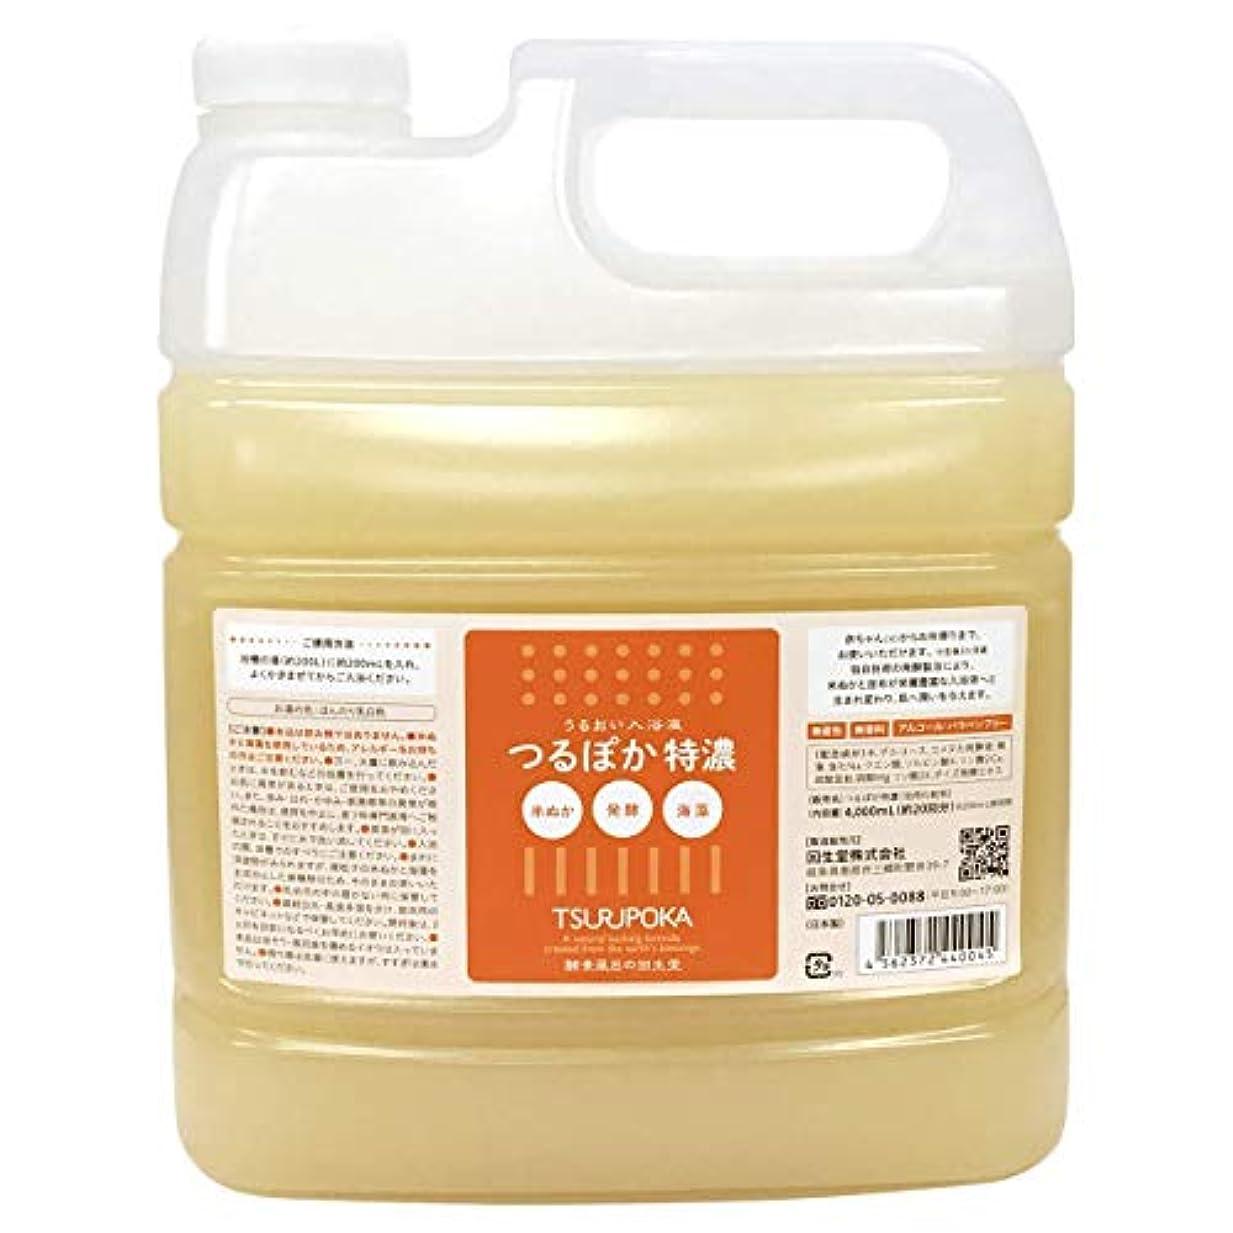 テーブル掘る予防接種する「自宅で簡単酵素風呂」つるぽか特濃 国産の米ぬかと昆布を発酵させた自然派酵素入浴剤 約20回分(1回200mL使用)うるおい しっとり 保湿 冷え 発汗